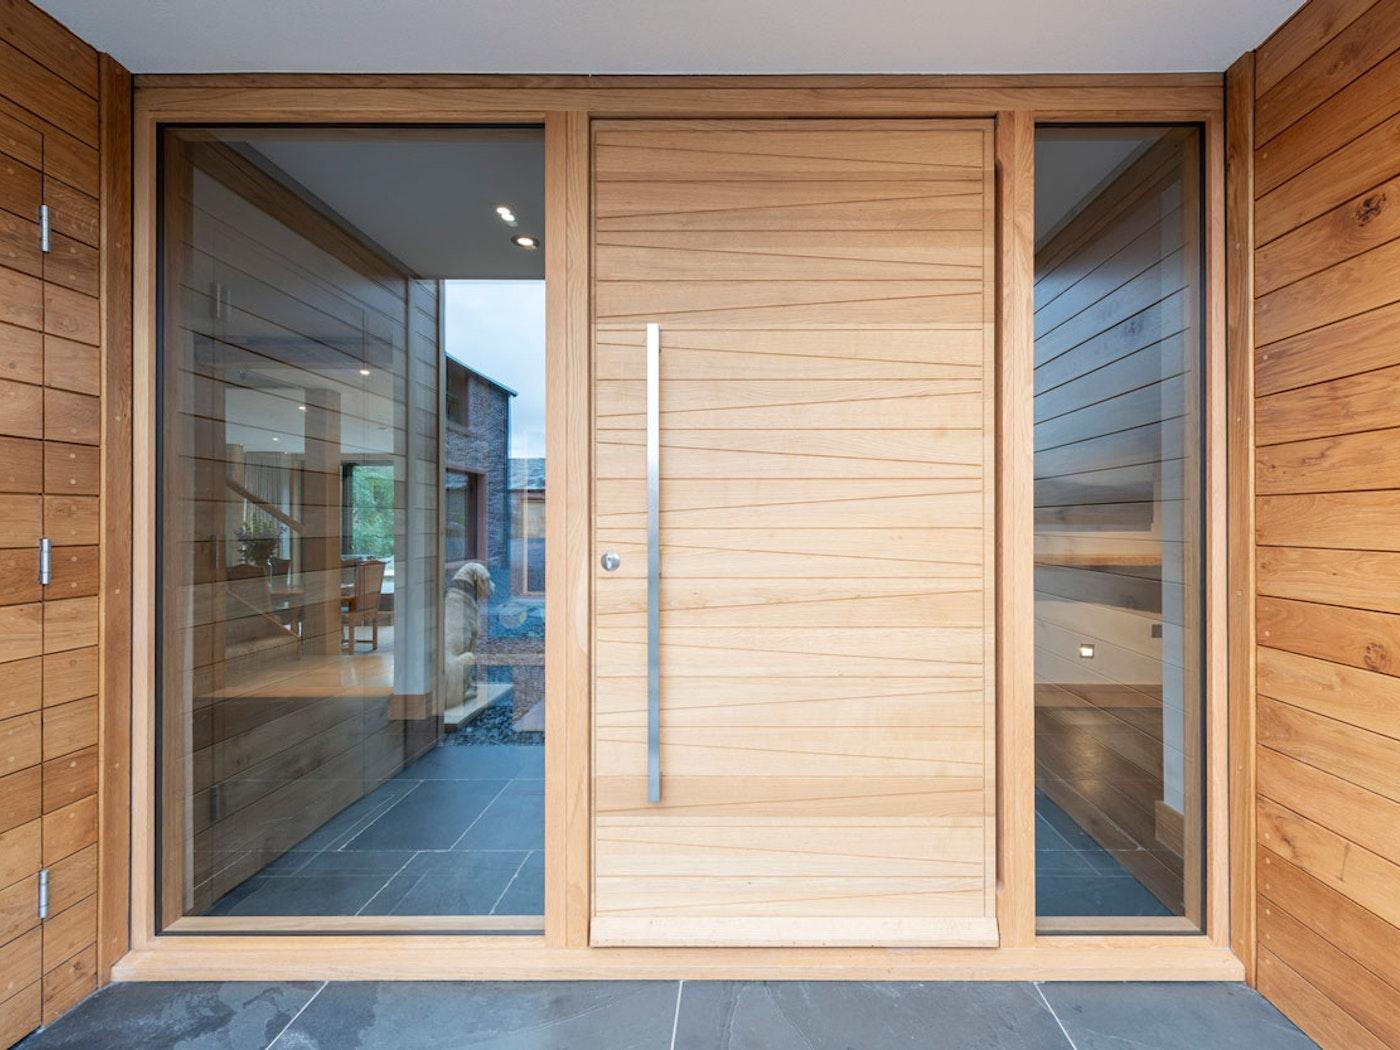 Oak wood   Sidelights (glass panels)   Milano front door